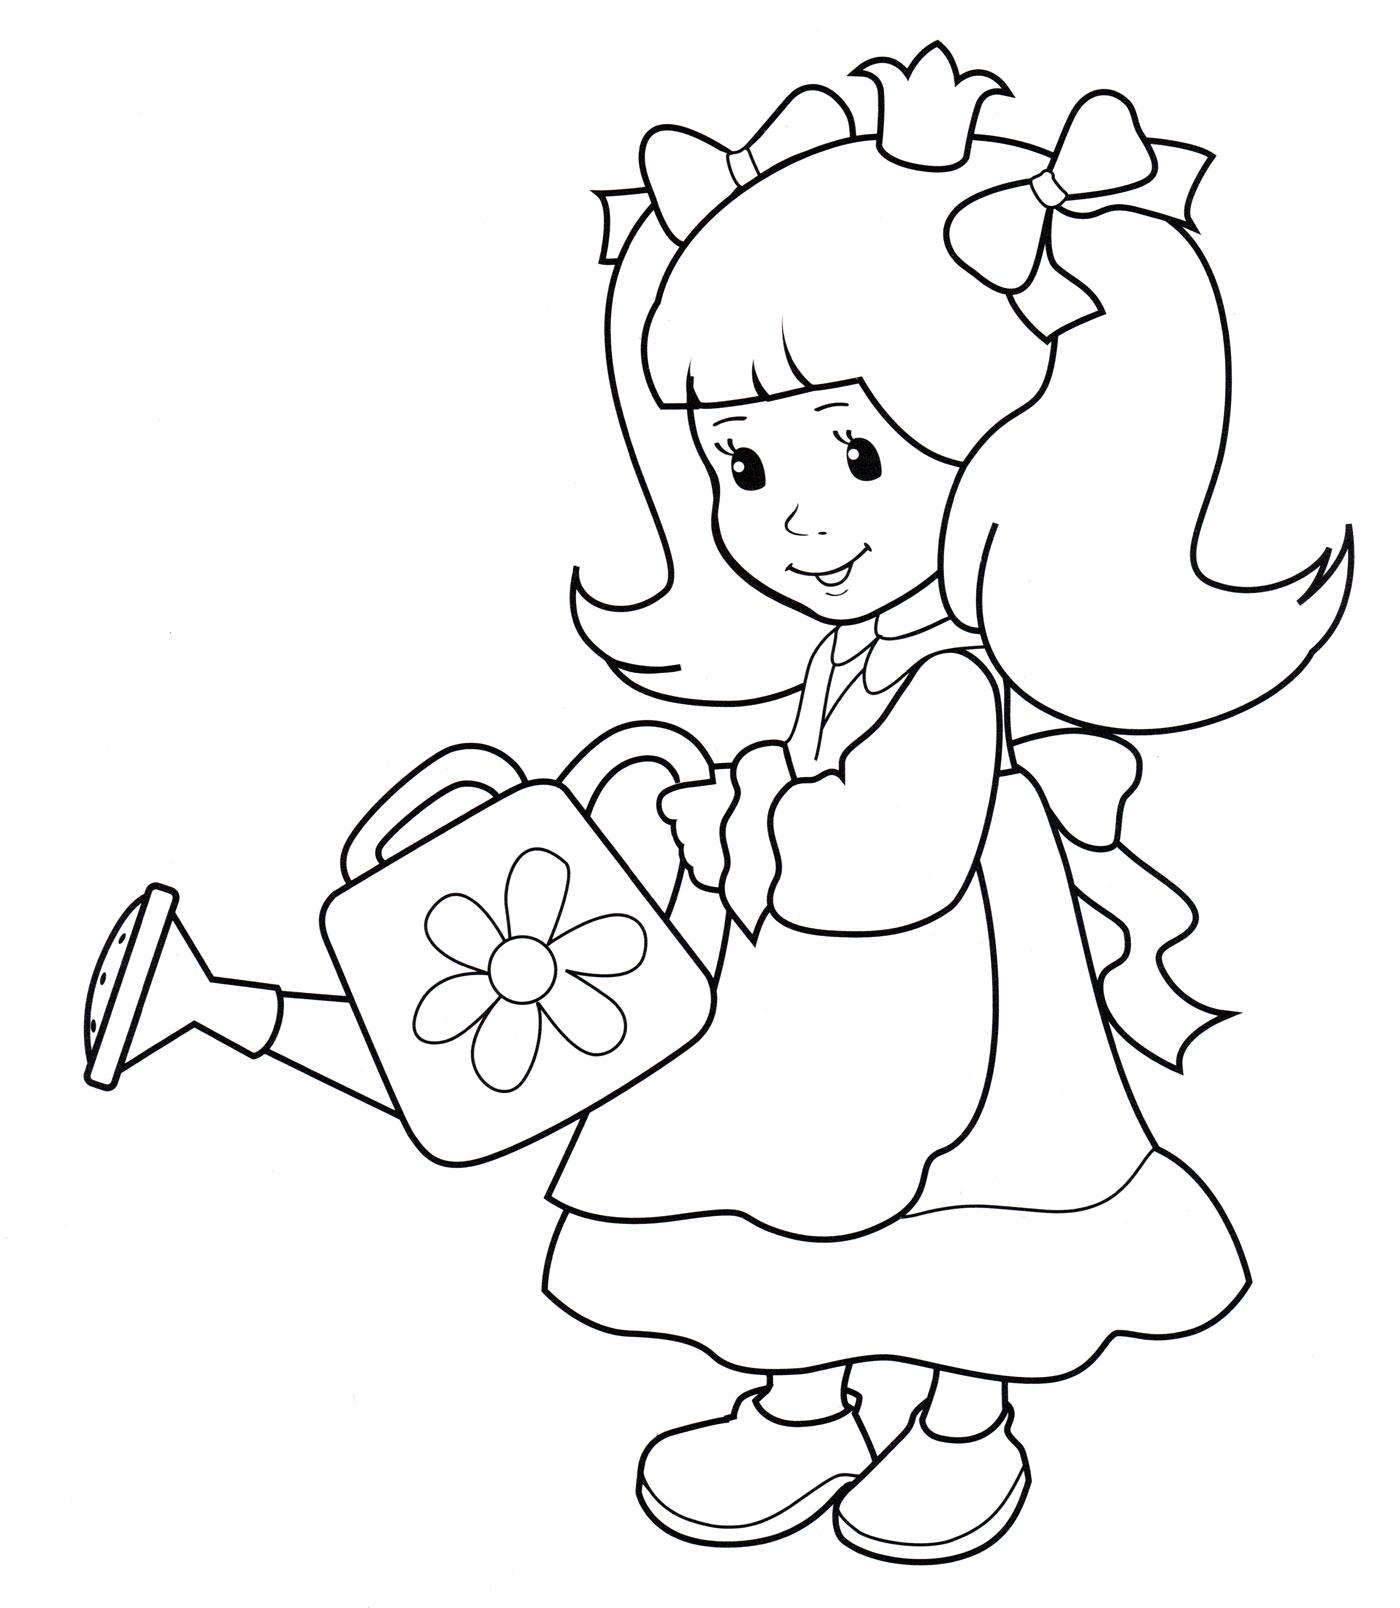 Раскраска Принцесса с лейкой - распечатать бесплатно